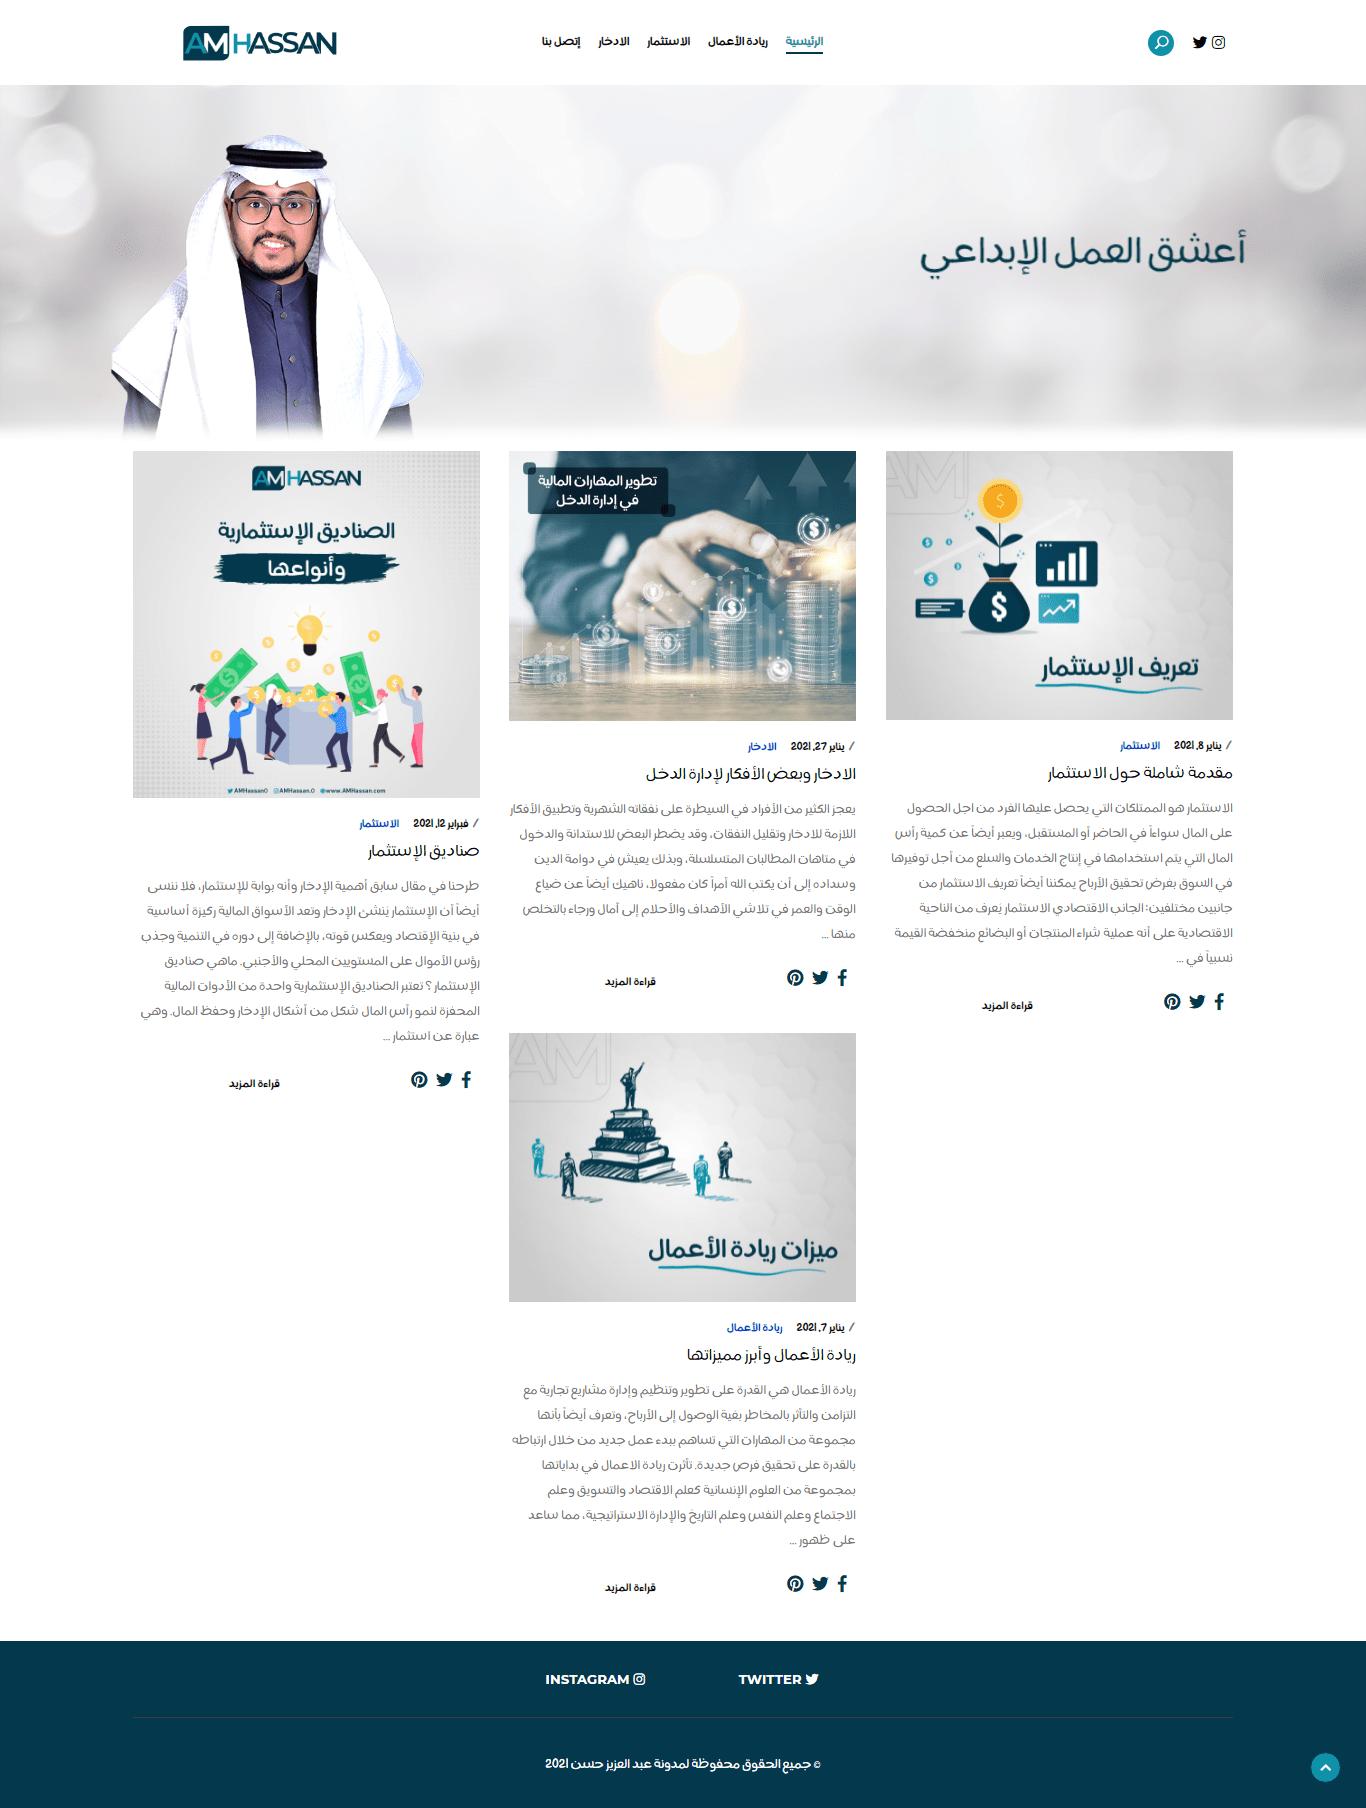 مدونة عبد العزيز الحسن